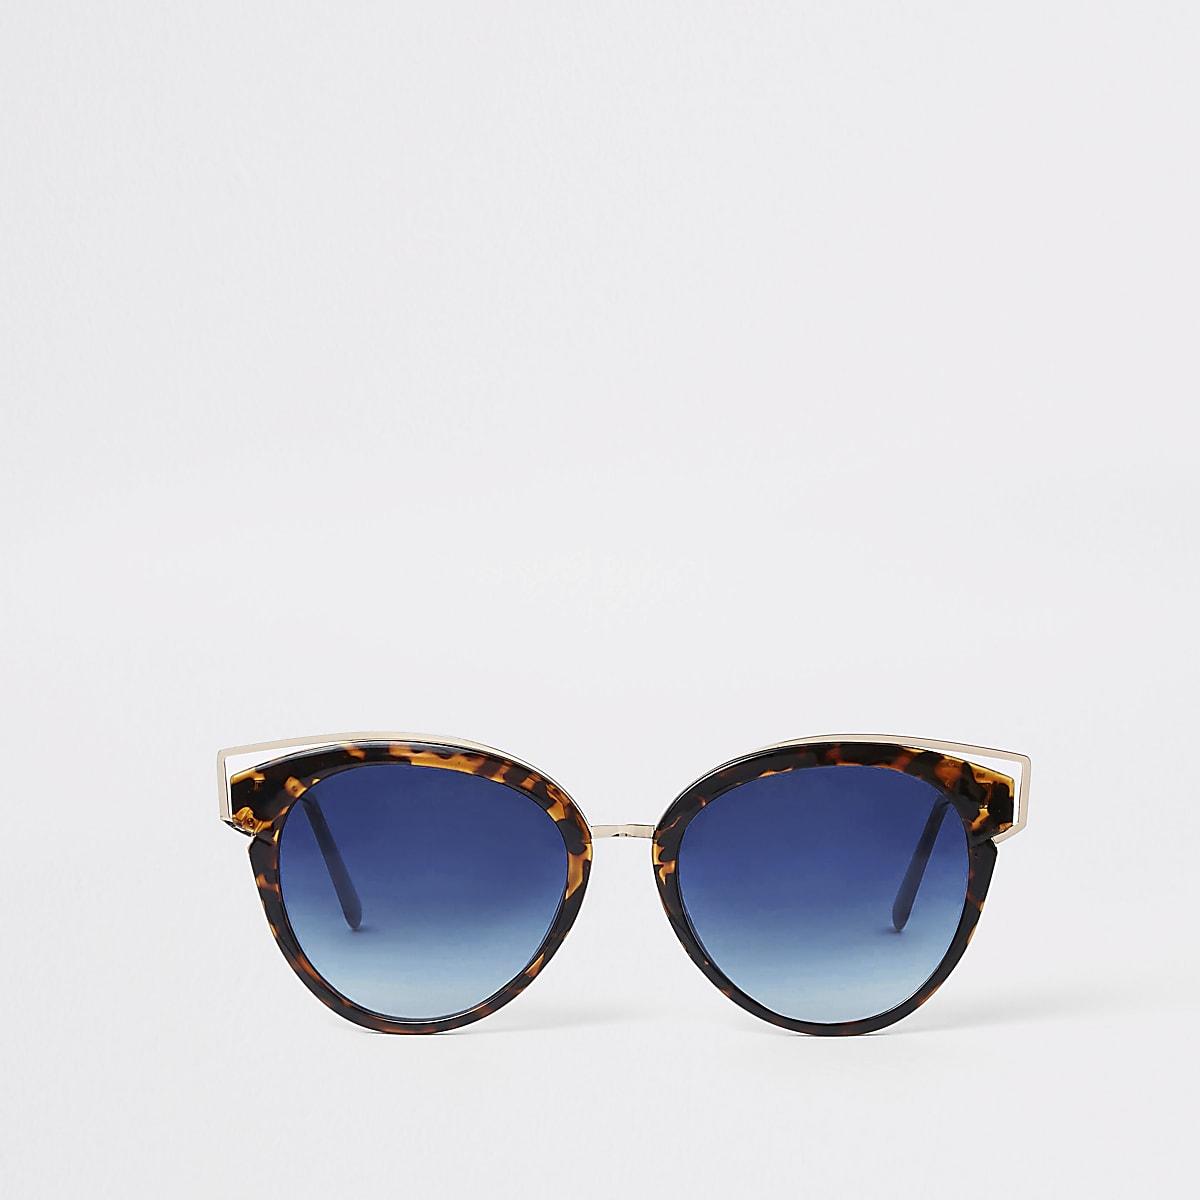 Lunettes de soleil marron écailles de tortue à verres bleus